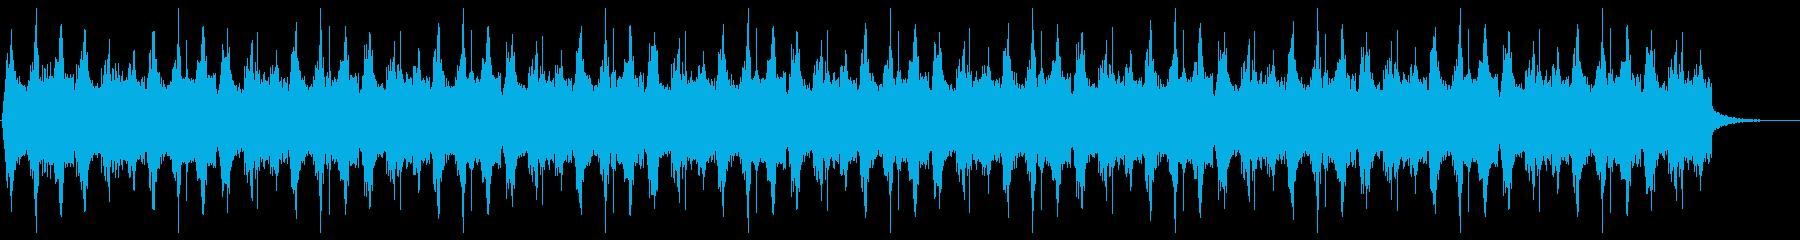 神秘的なホラーサウンドの再生済みの波形